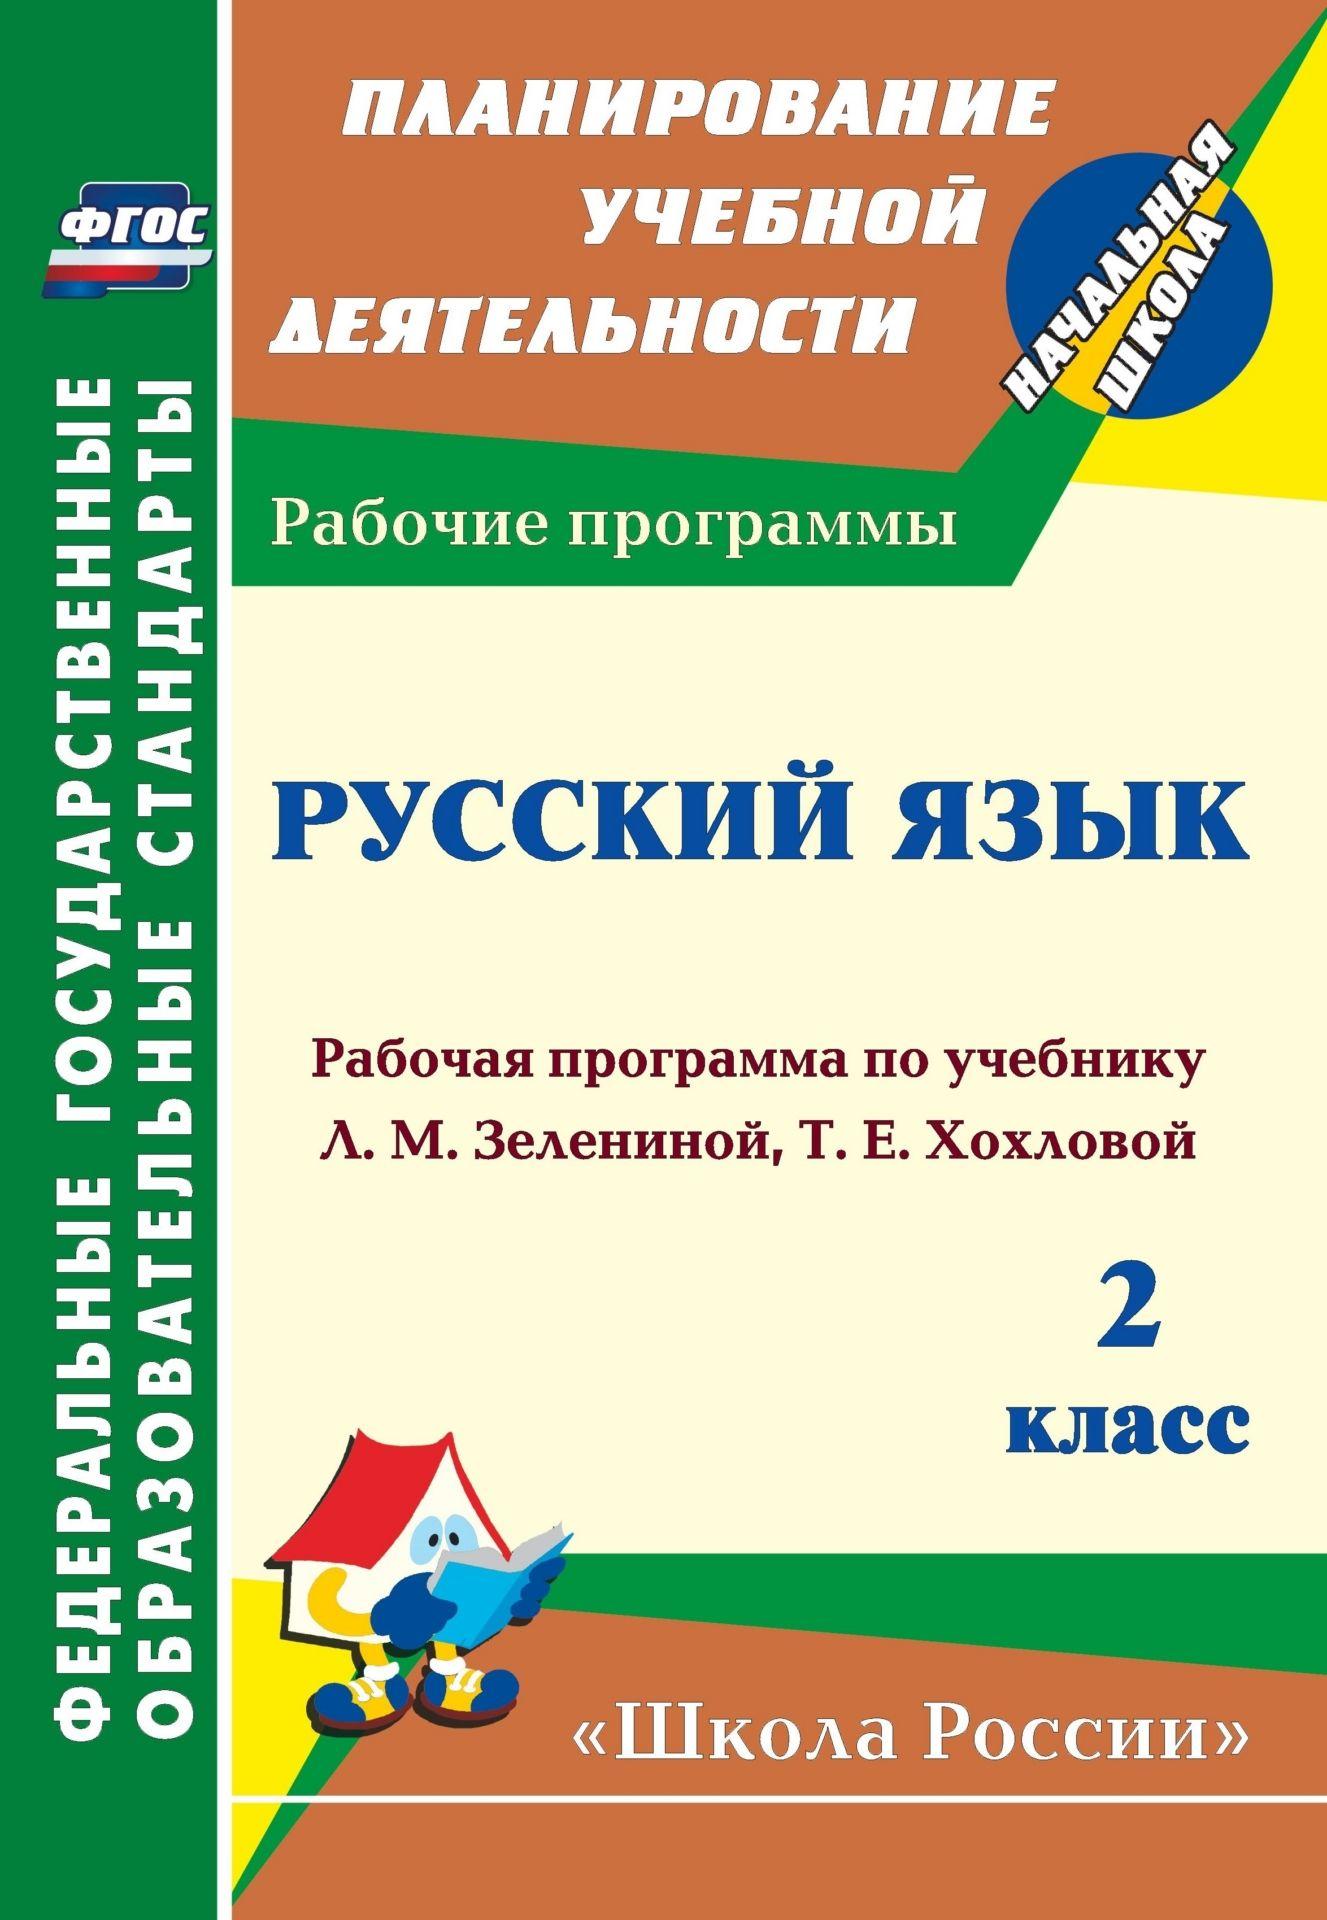 Русский язык. 2 класс: рабочая программа по учебнику Л. М. Зелениной, Т. Е. Хохловой